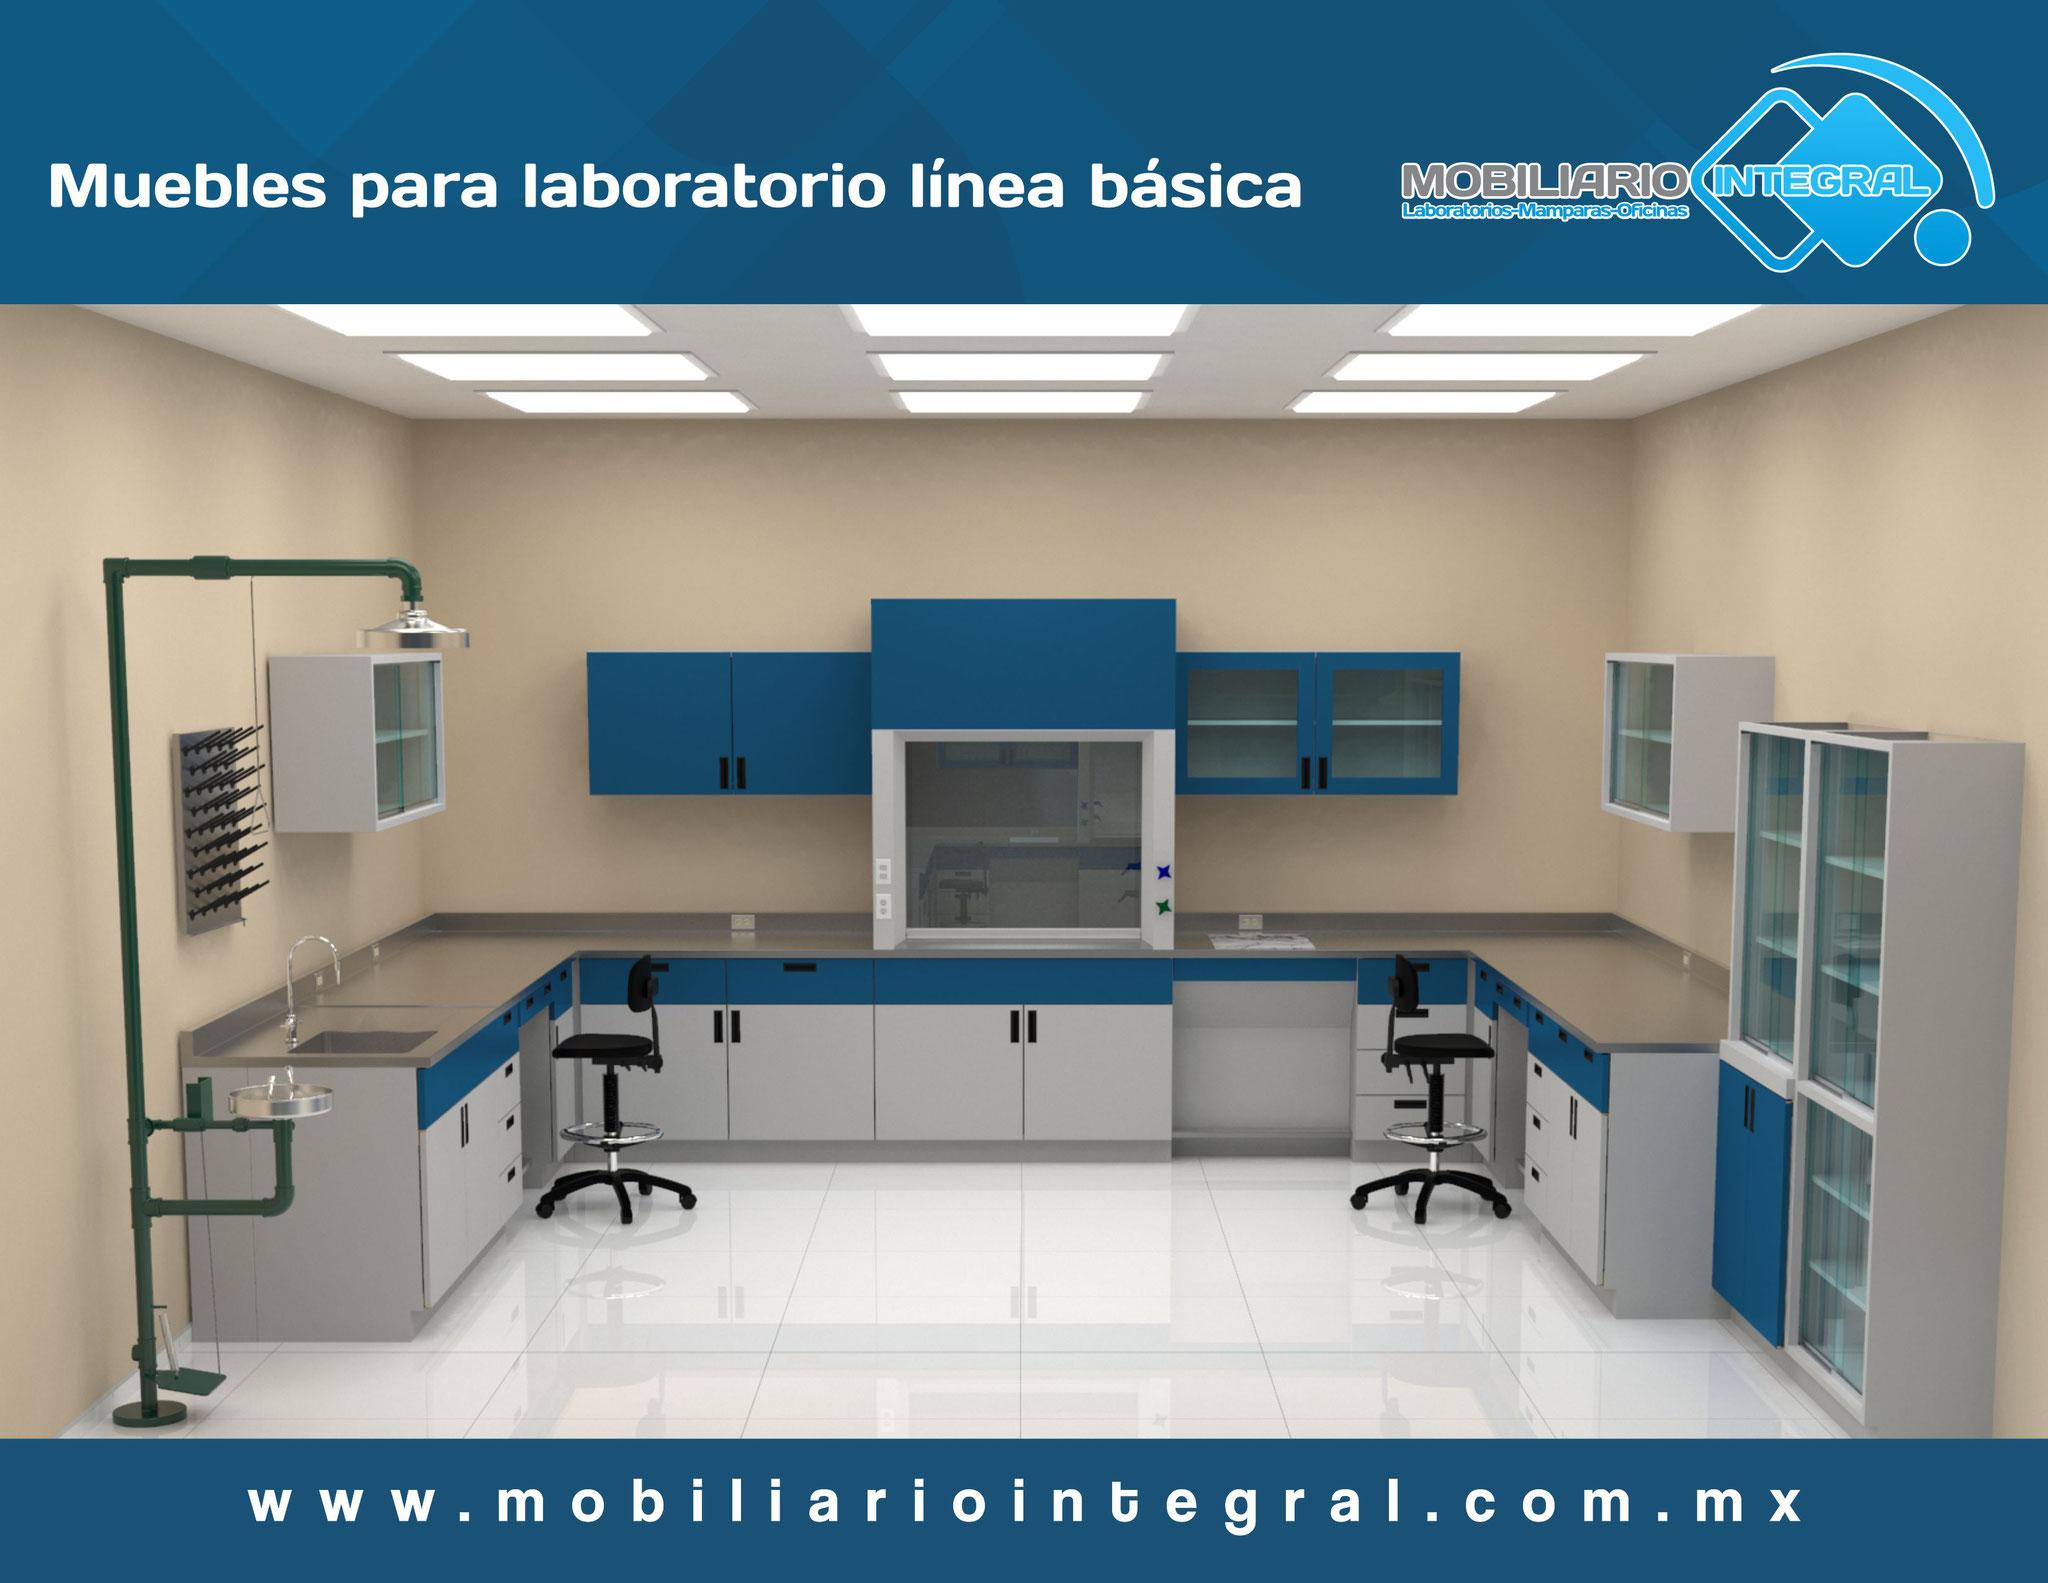 Muebles para laboratorio en Mexicali